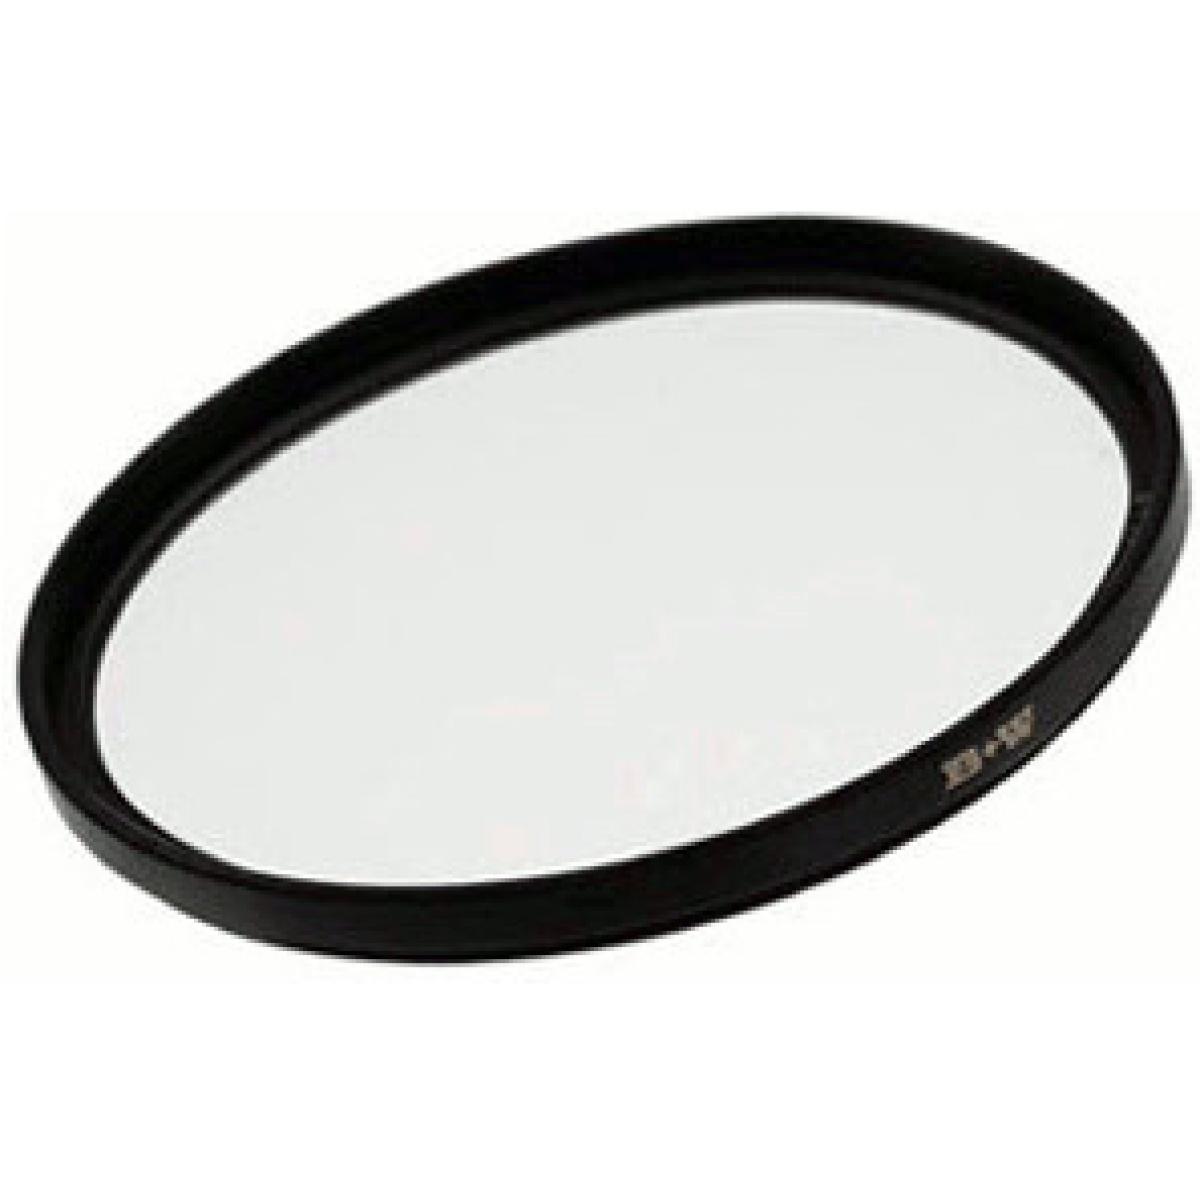 Tamron UV Filter 67 mm